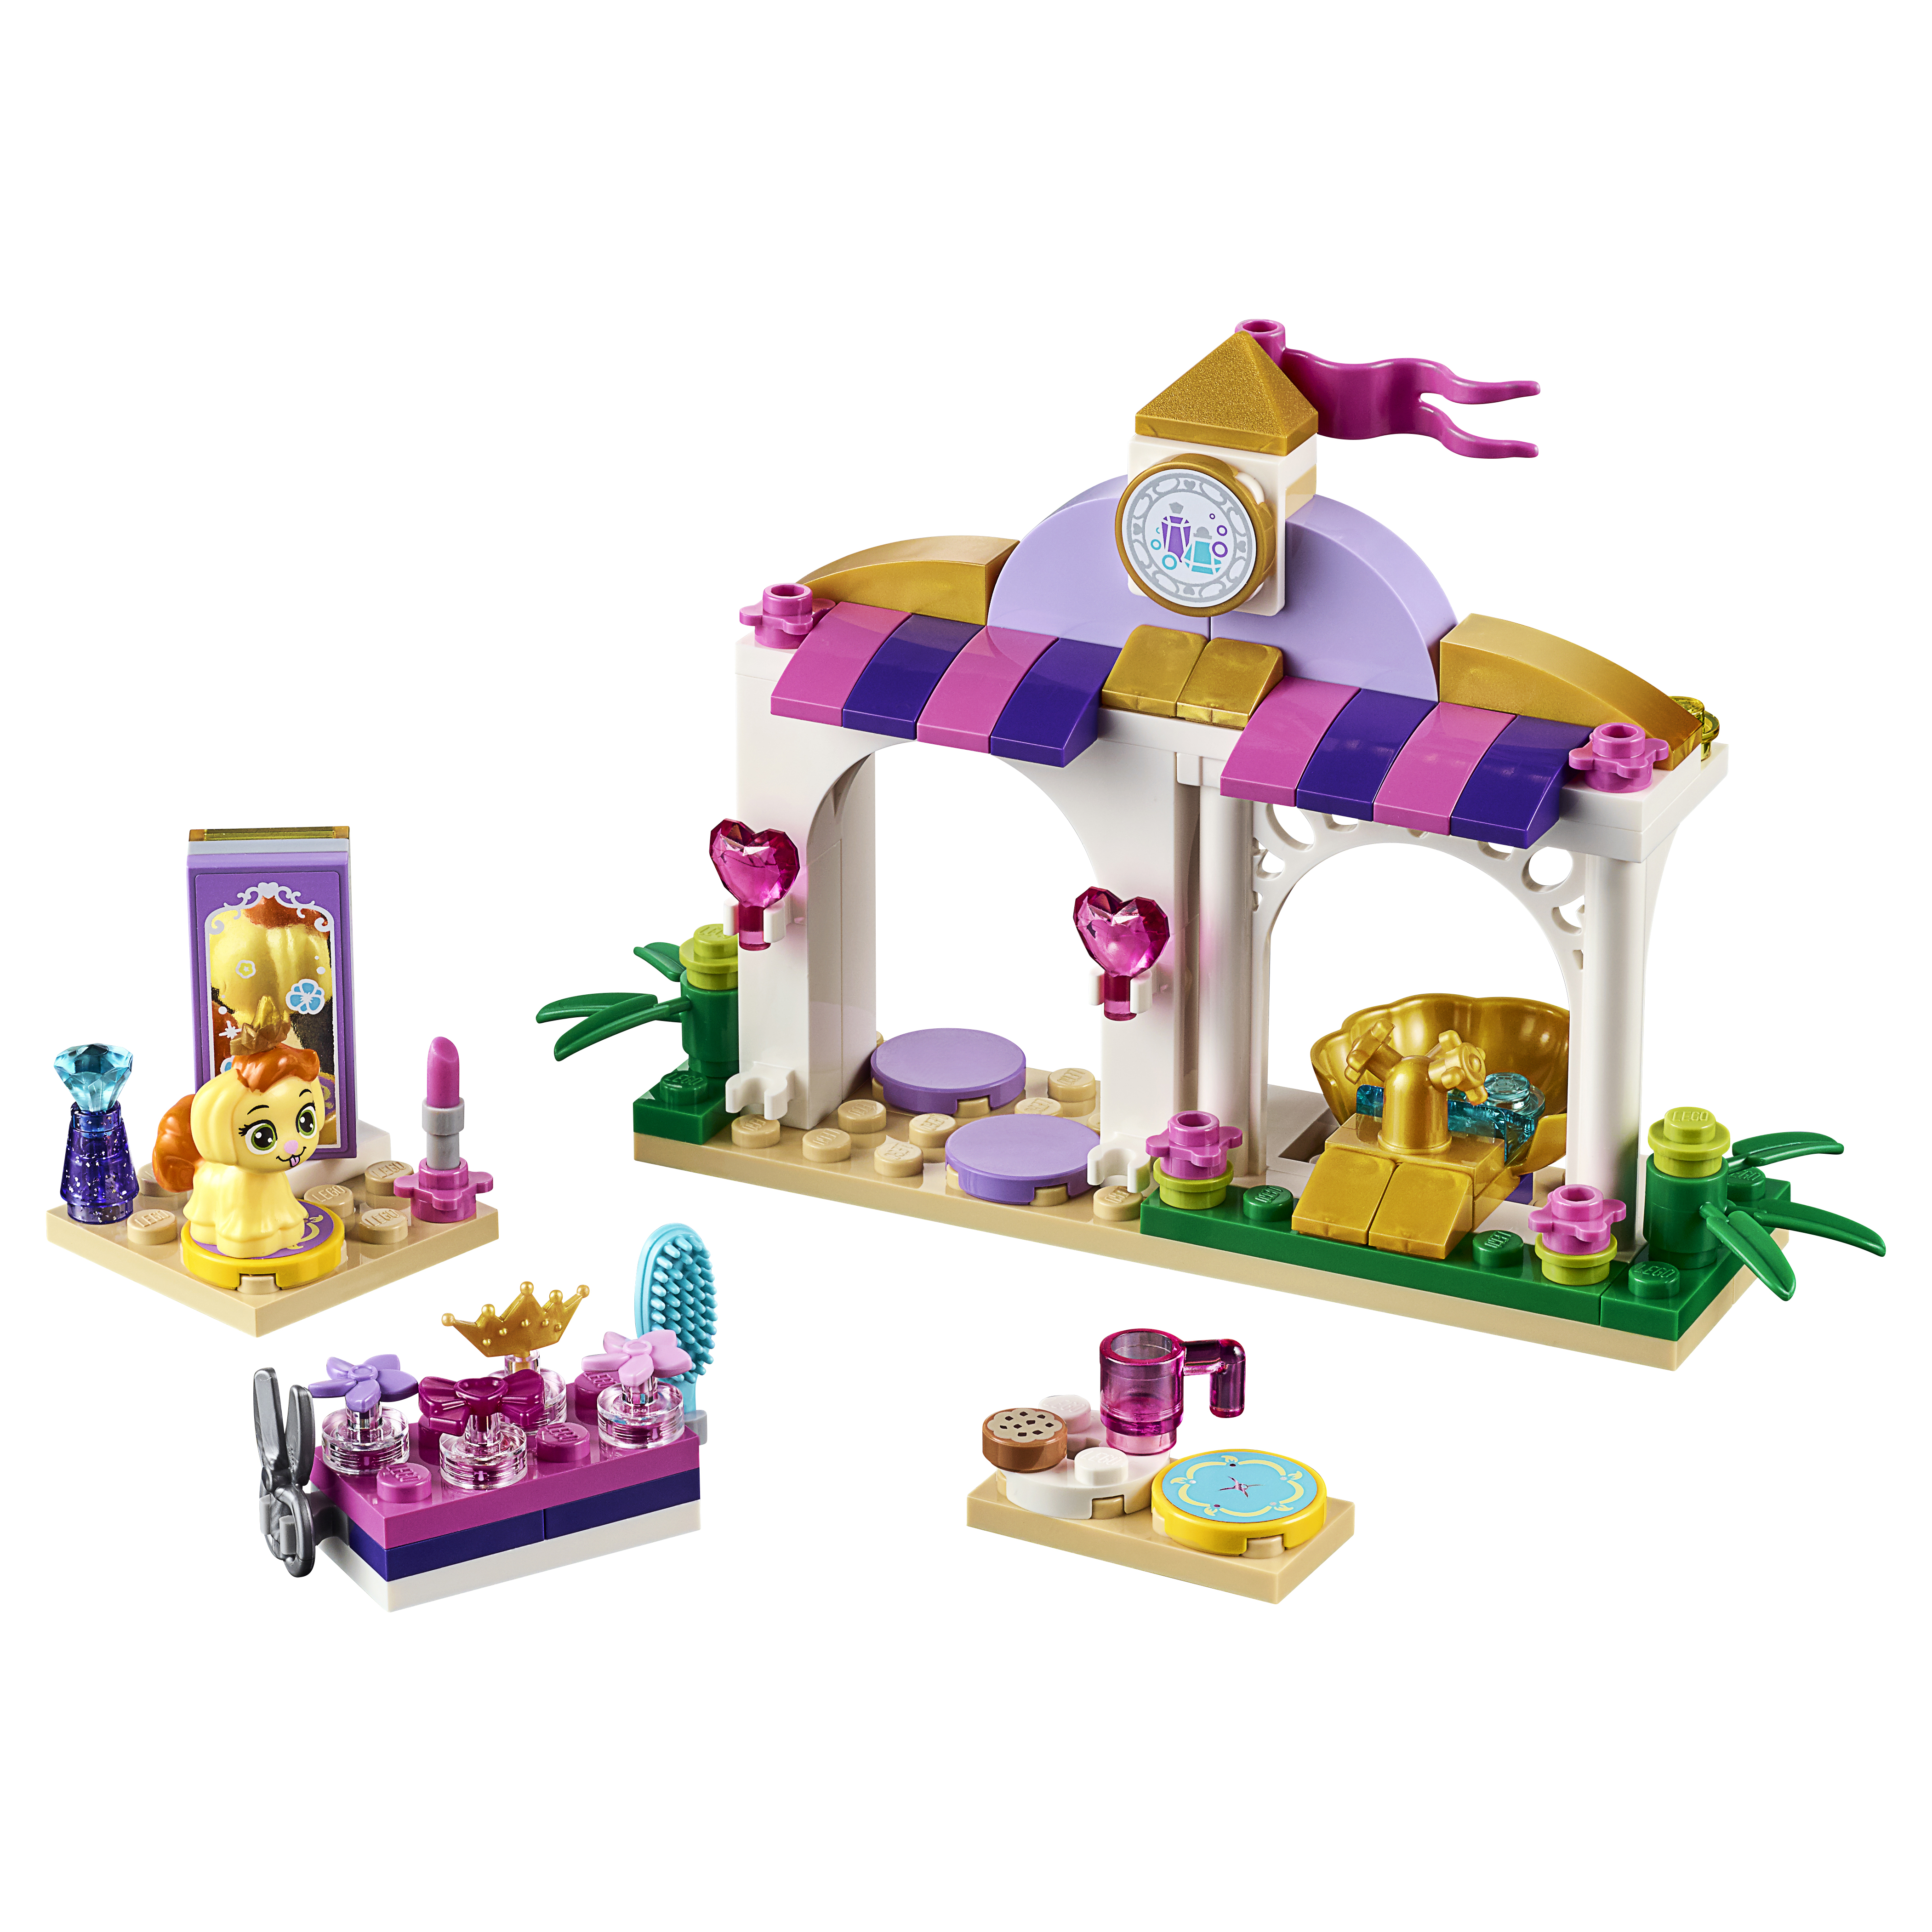 Конструктор LEGO Disney Princess Королевские питомцы: Ромашка (41140) фото